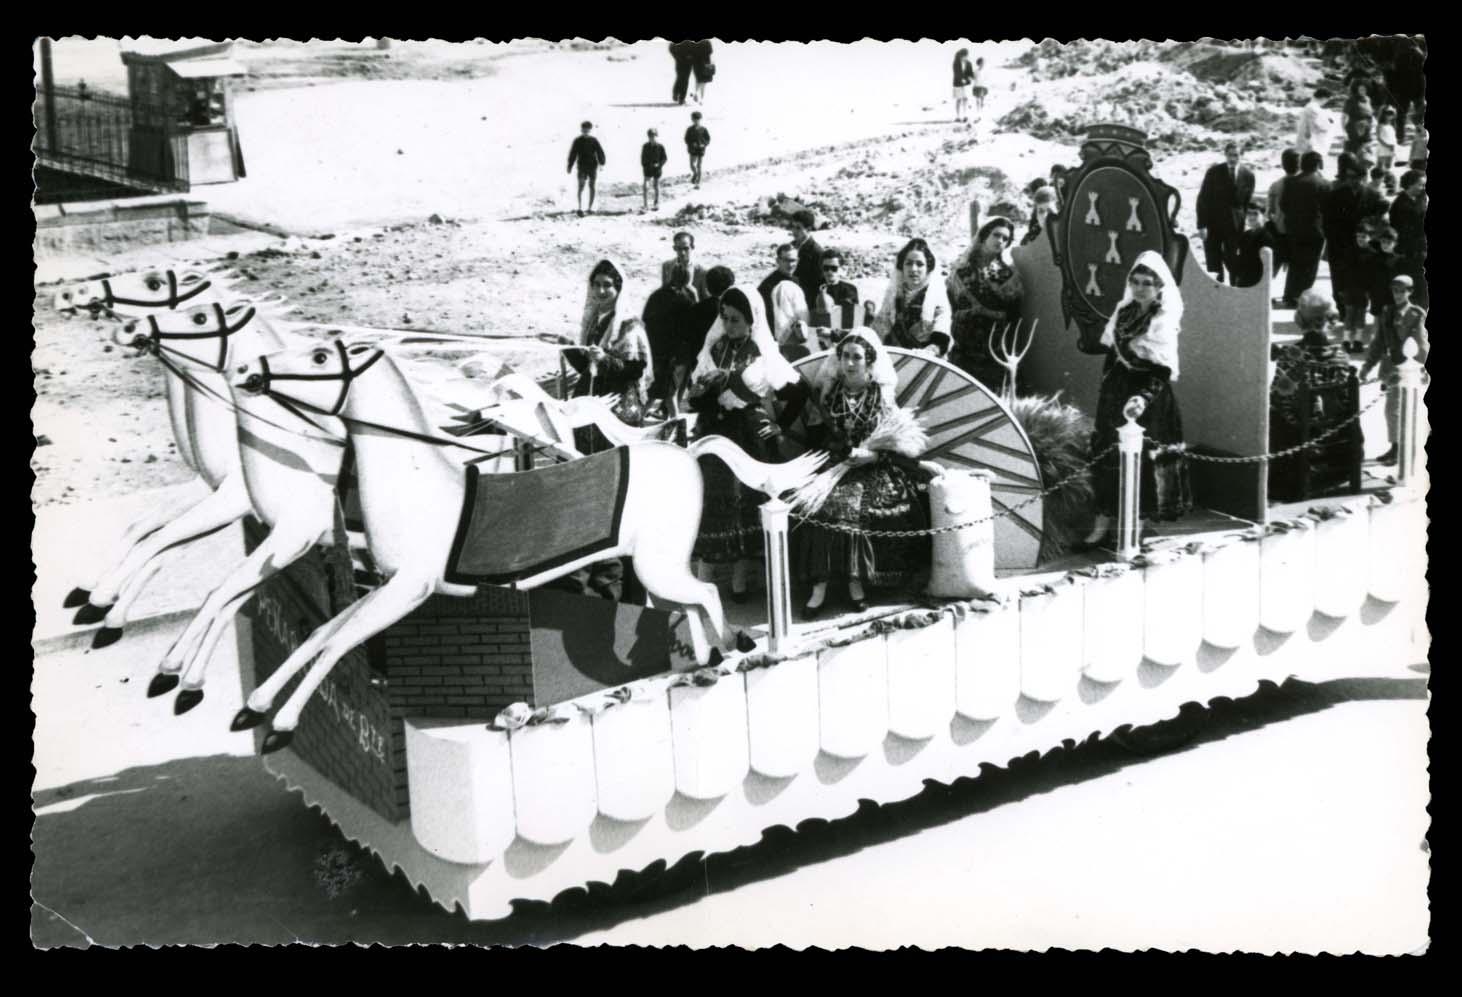 Pilar Hernández y otras chicas vestidas de charras y aldeanas en una carroza en Salamanca II